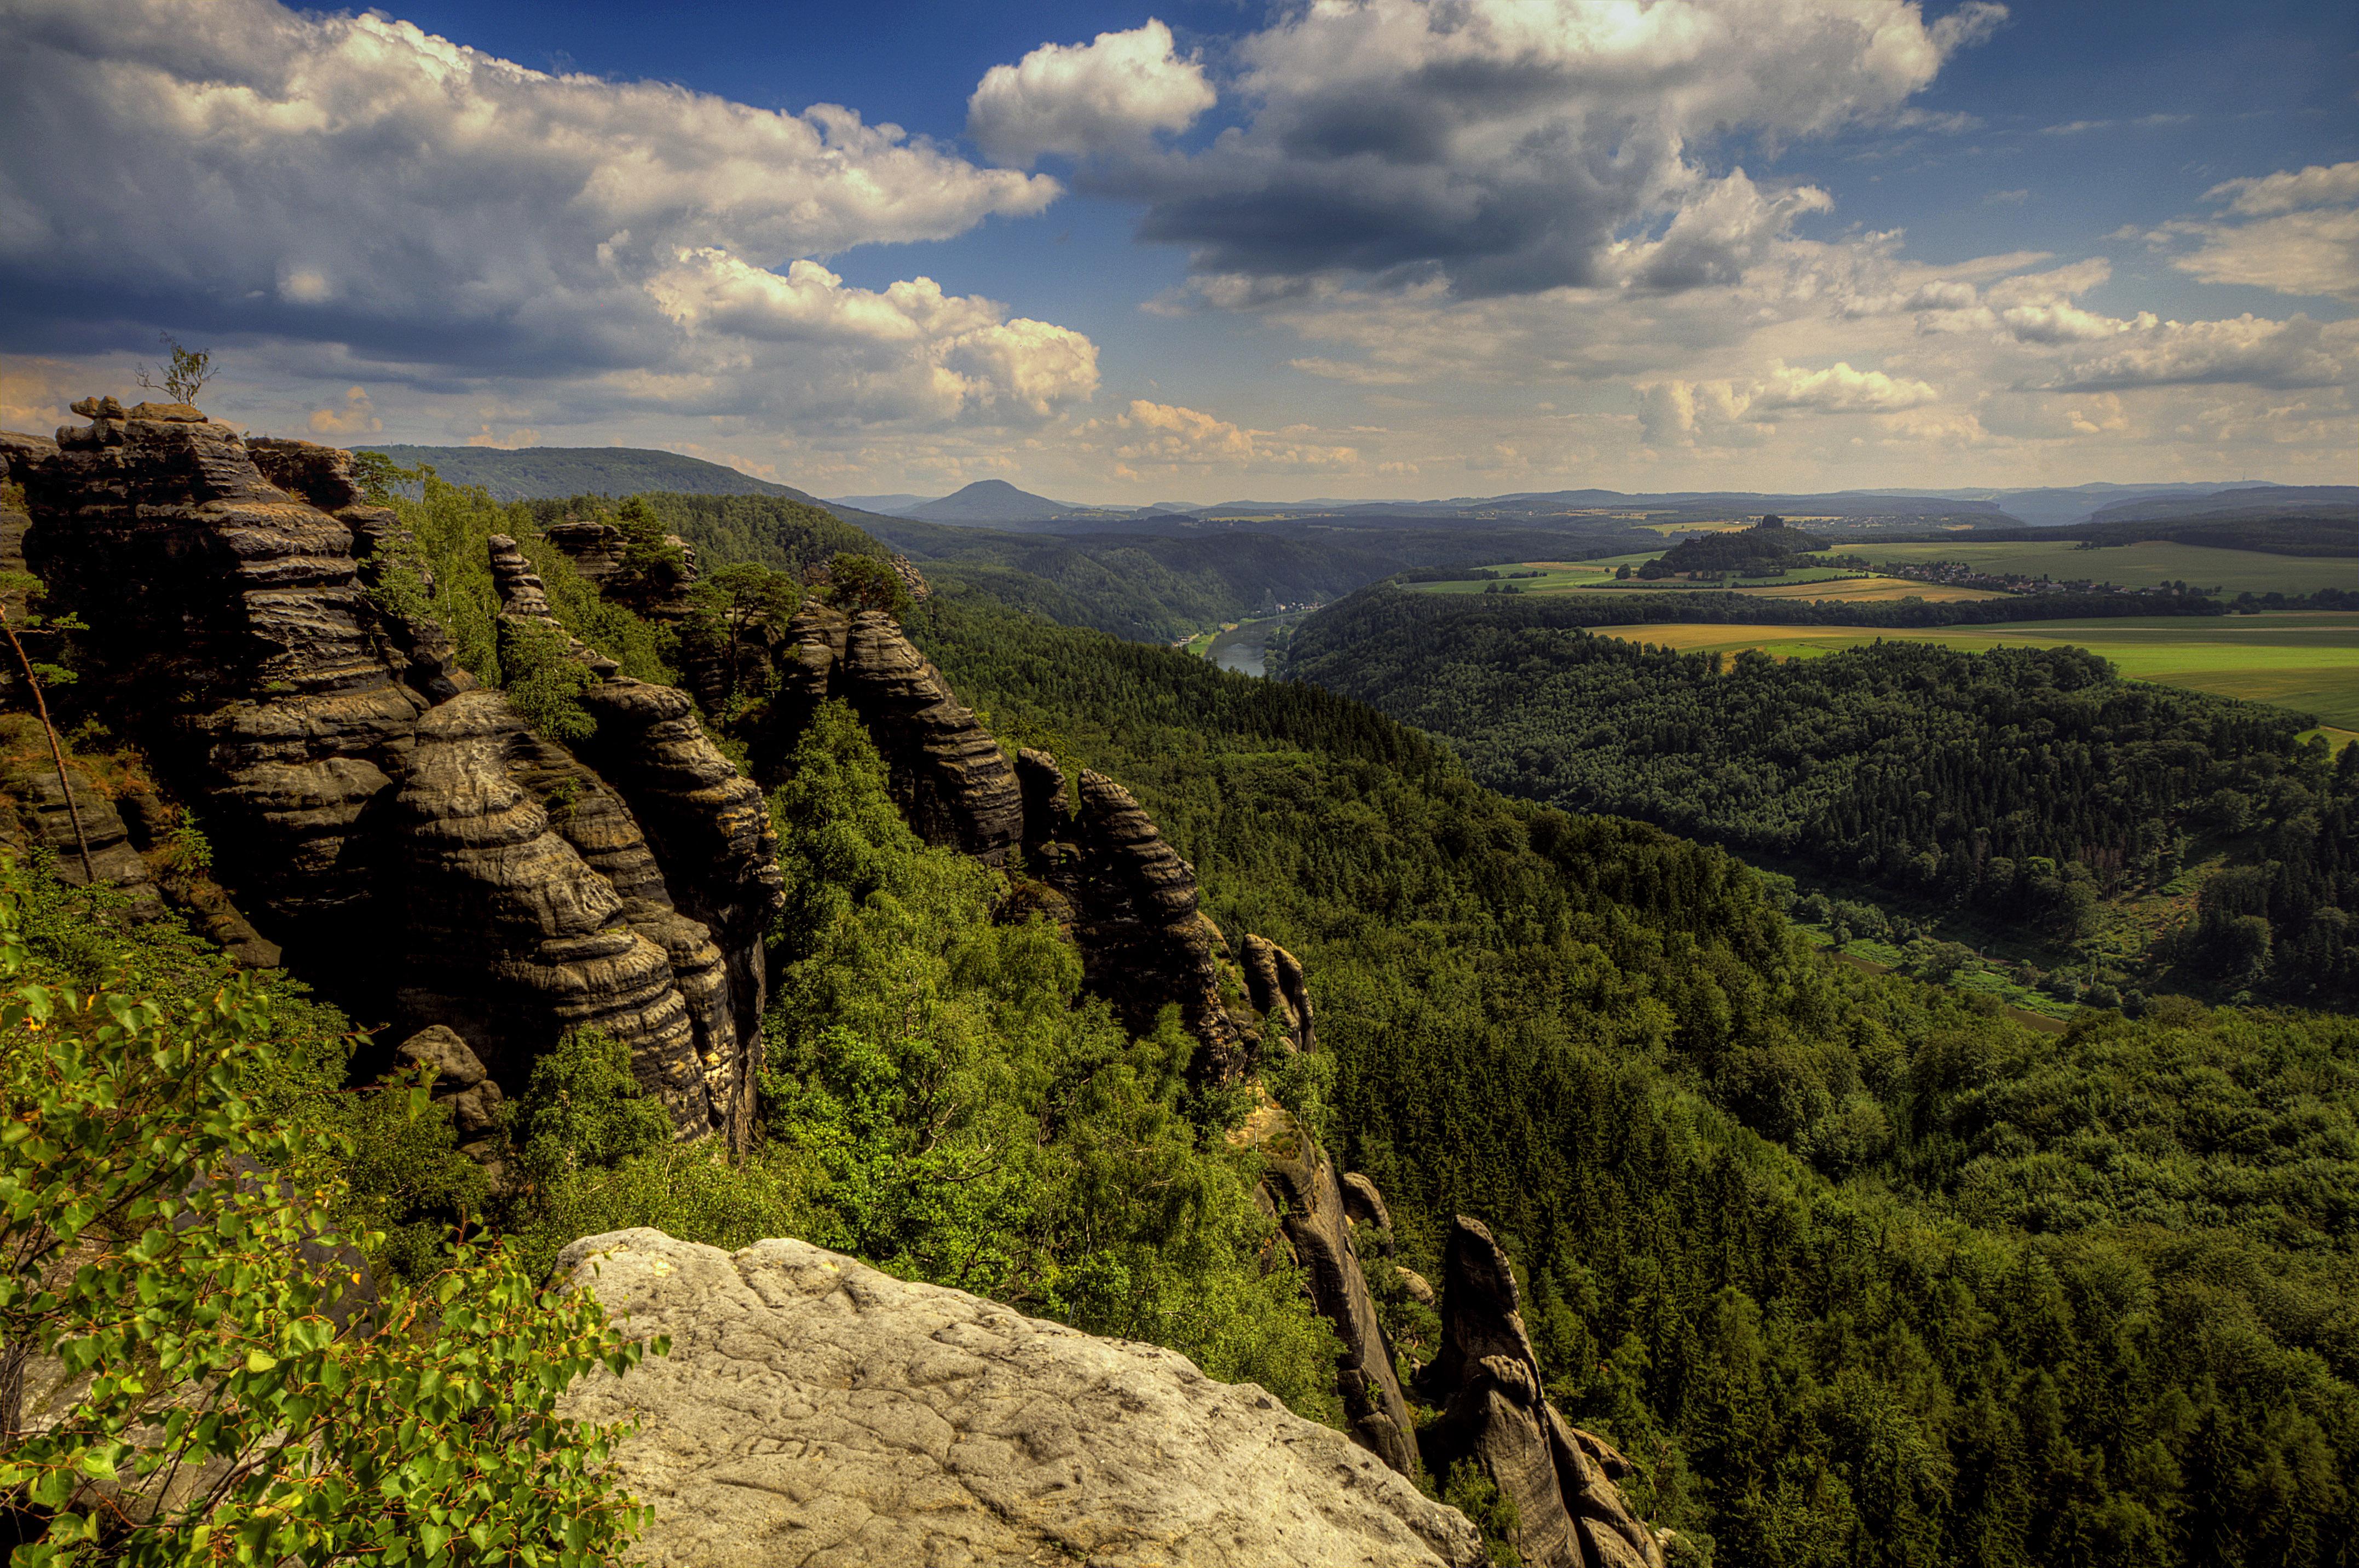 природа река горы скалы деревья облака  № 3796719 загрузить